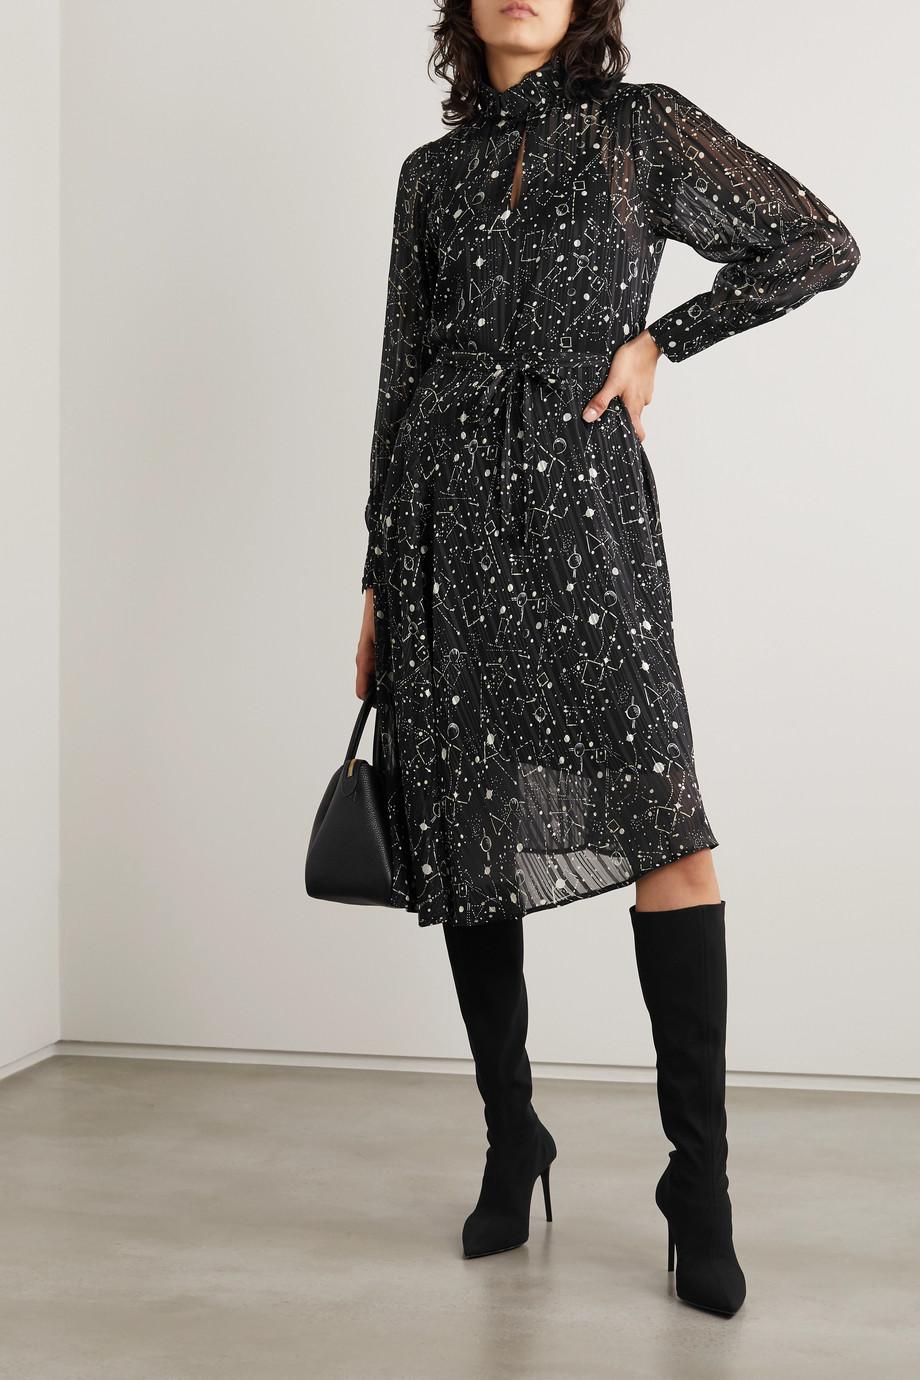 Officine Générale Solange asymmetrisches Kleid aus plissiertem Metallic-Chiffon mit Print